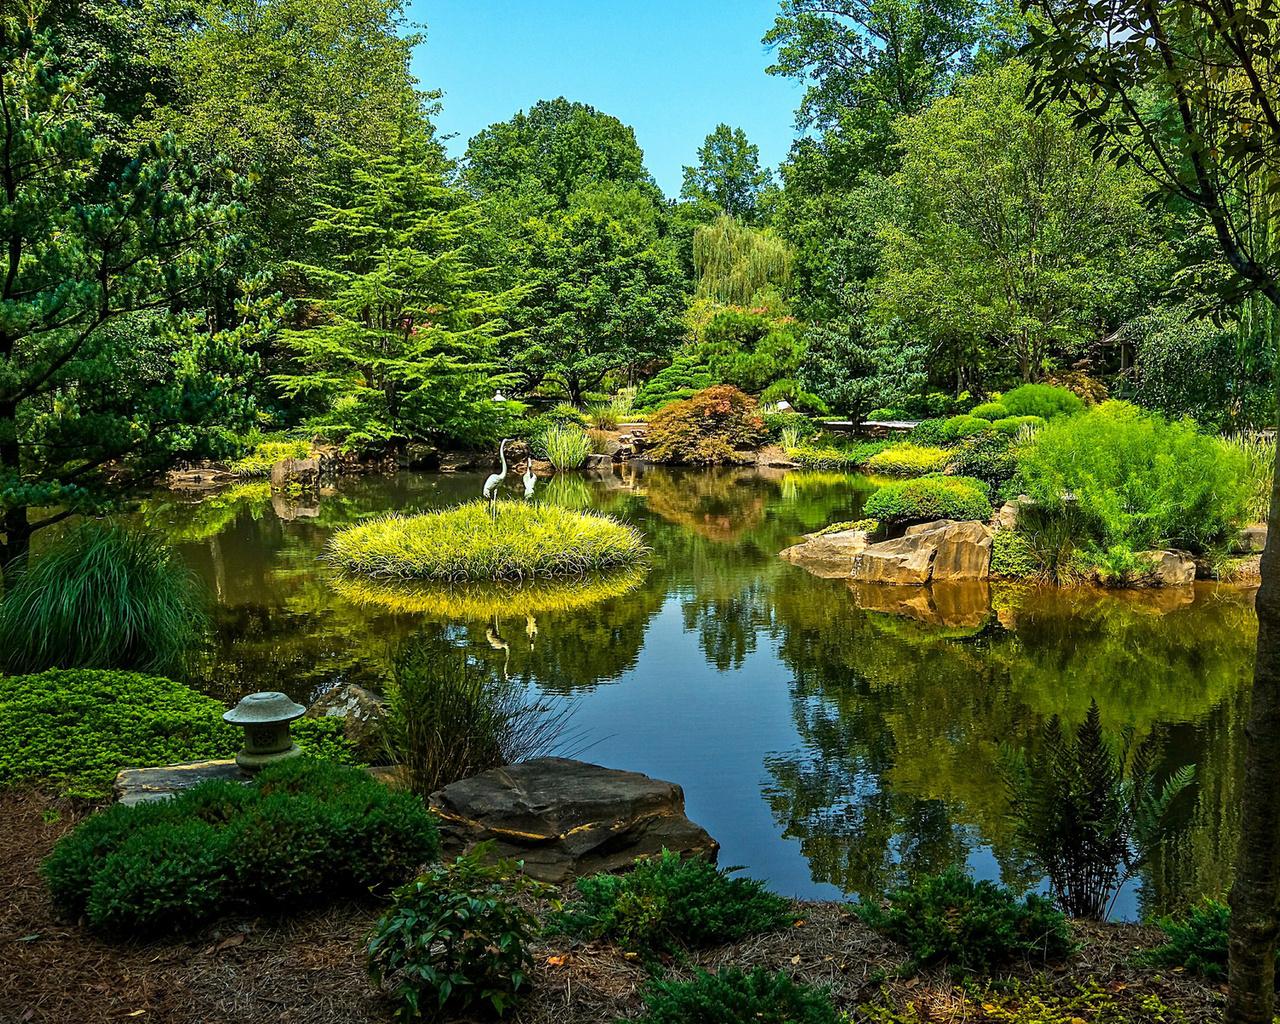 водоем в саду красивые картинки статуэток фотографии